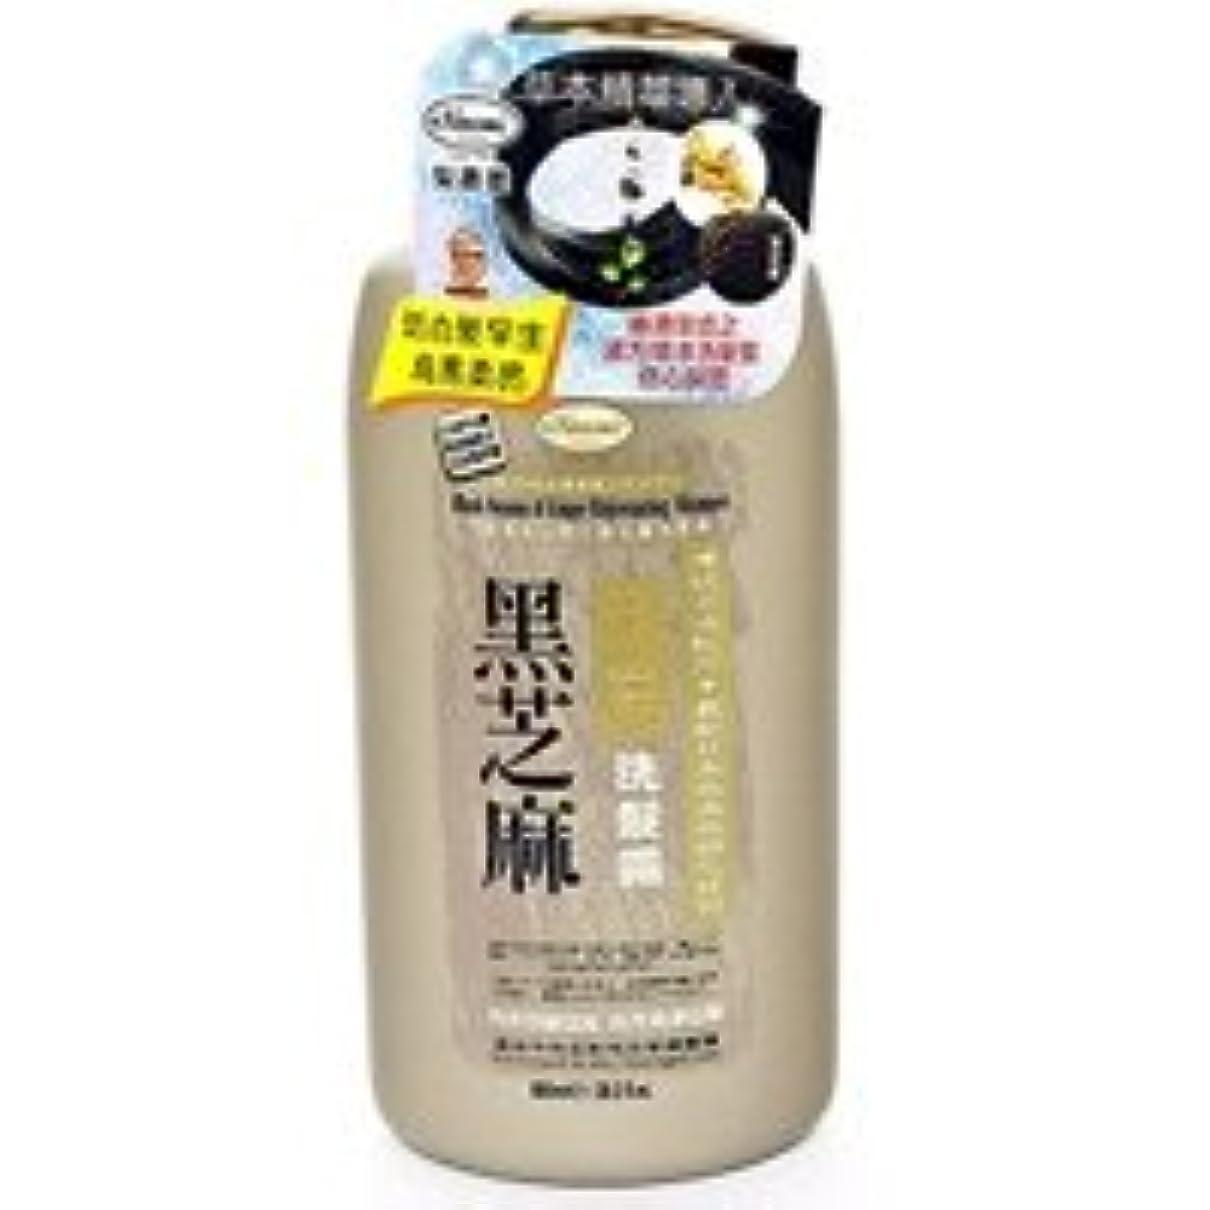 グラムパンフレット達成オーナオミ 黒ゴマ&生姜修復シャンプー800ml [ヤマト便] 1本